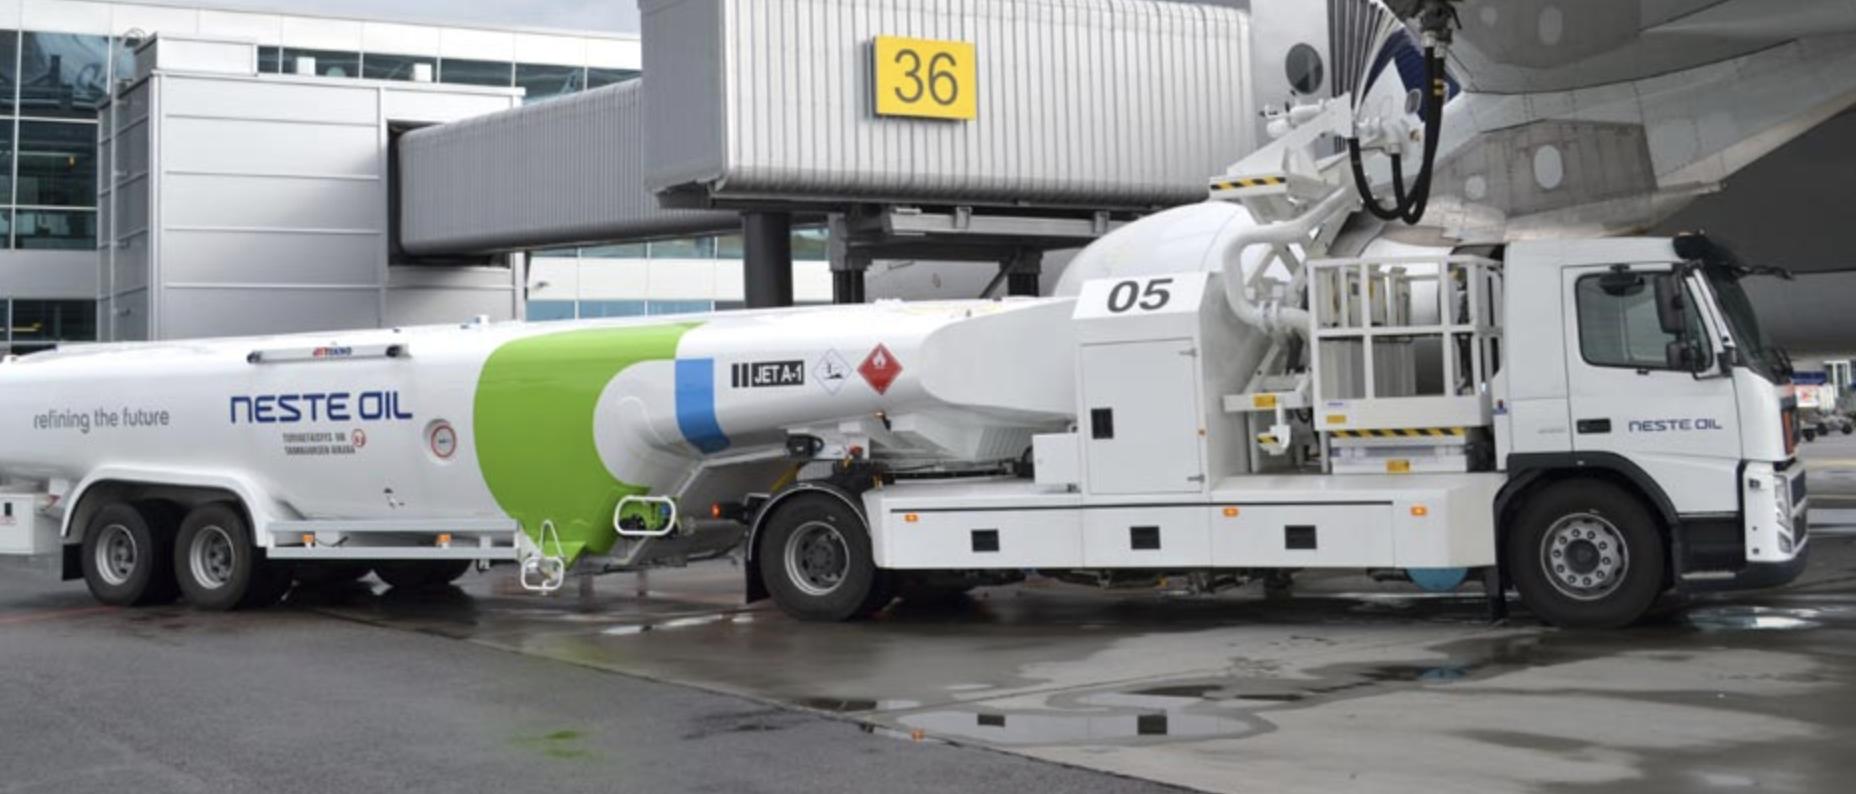 Aircraft refueller, semi trailer